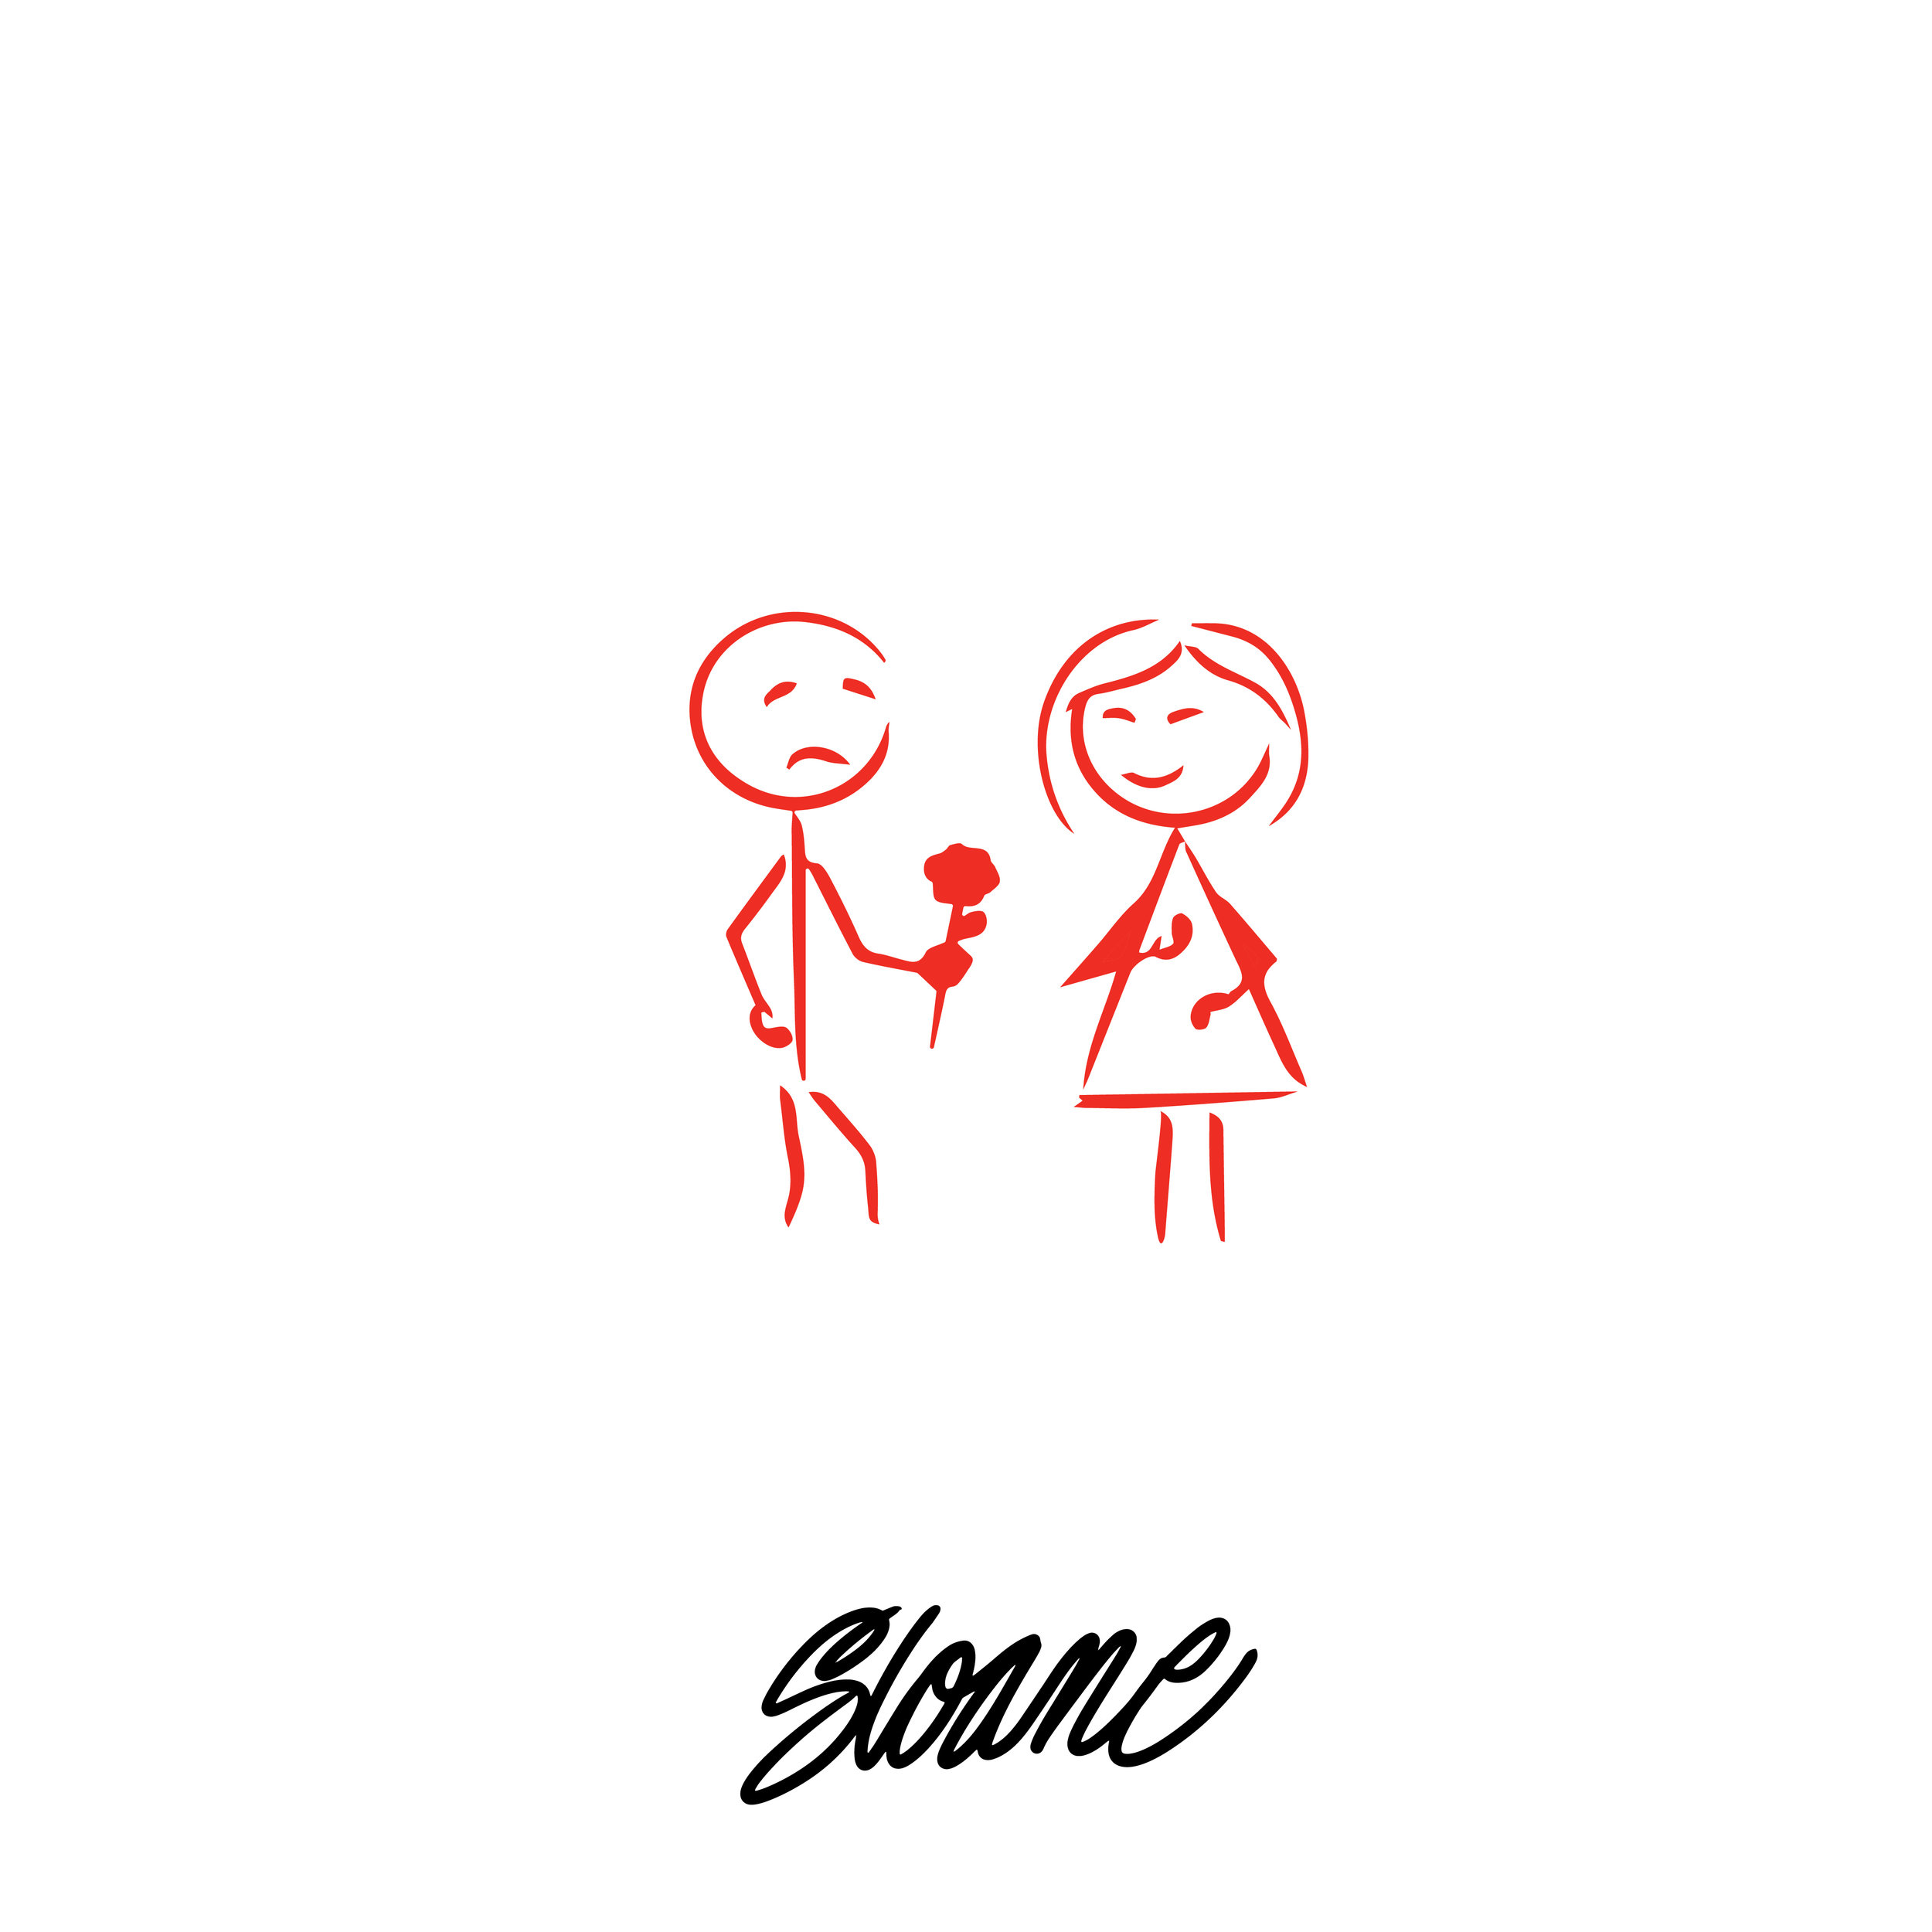 Sloane_Singles-06.jpg